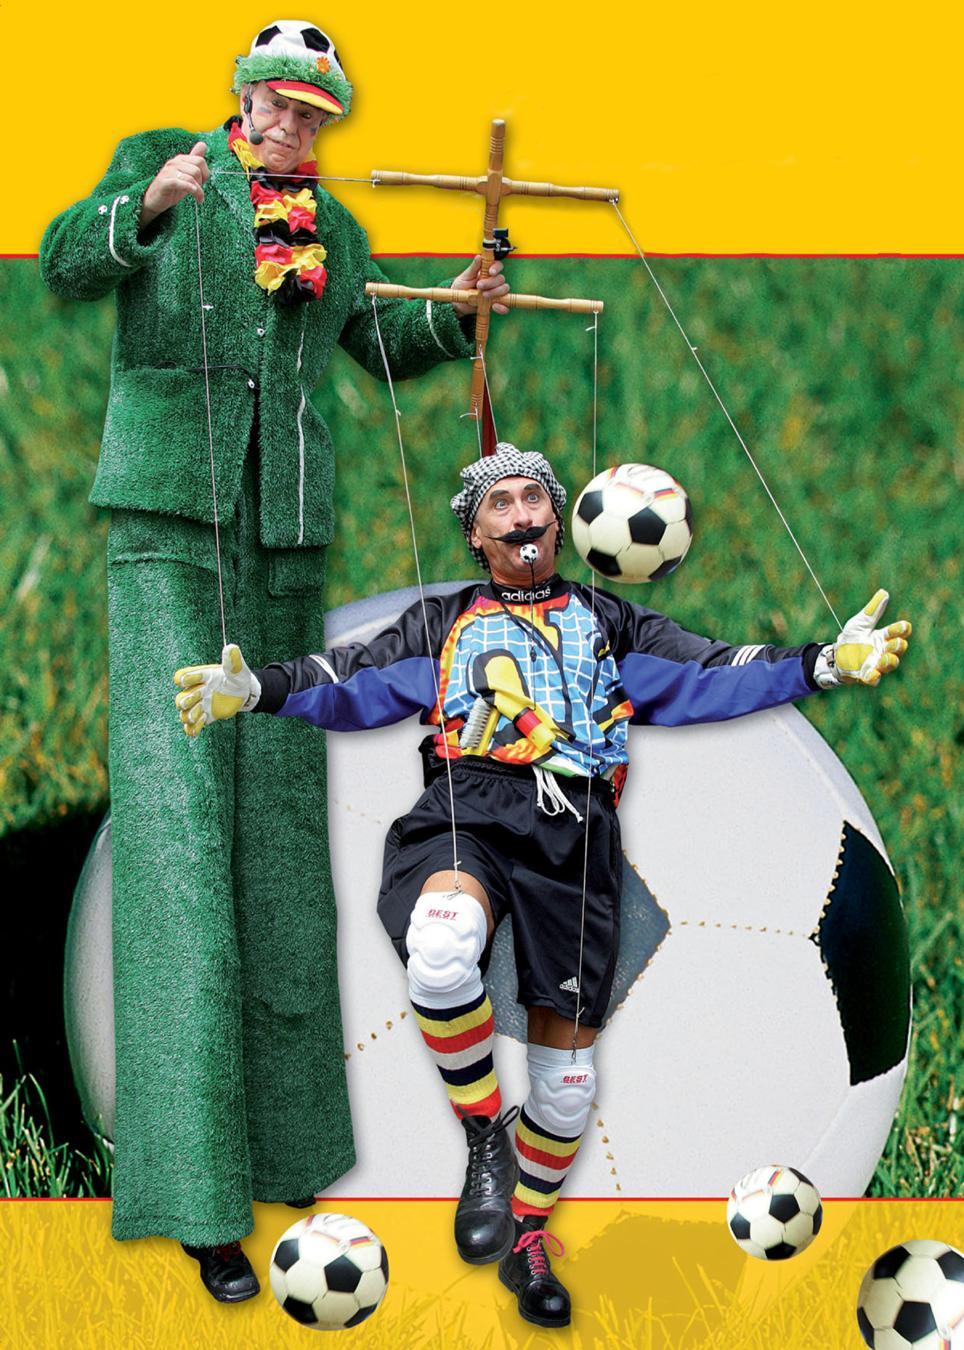 """PICO BELLO's """"Toni – The Goalkeeper"""" PICO BELLO's """"Toni – The Goalkeeper"""" - Alles läuft wie am Schnürchen, wenn der Trainer auf Stelzen seinen Torwart zum balancieren, jonglieren und tanzen bringt. Originelle Ideen, präzises Timing und gekonntes Zusammenspiel schaffen unvergessenen Augenblicke."""